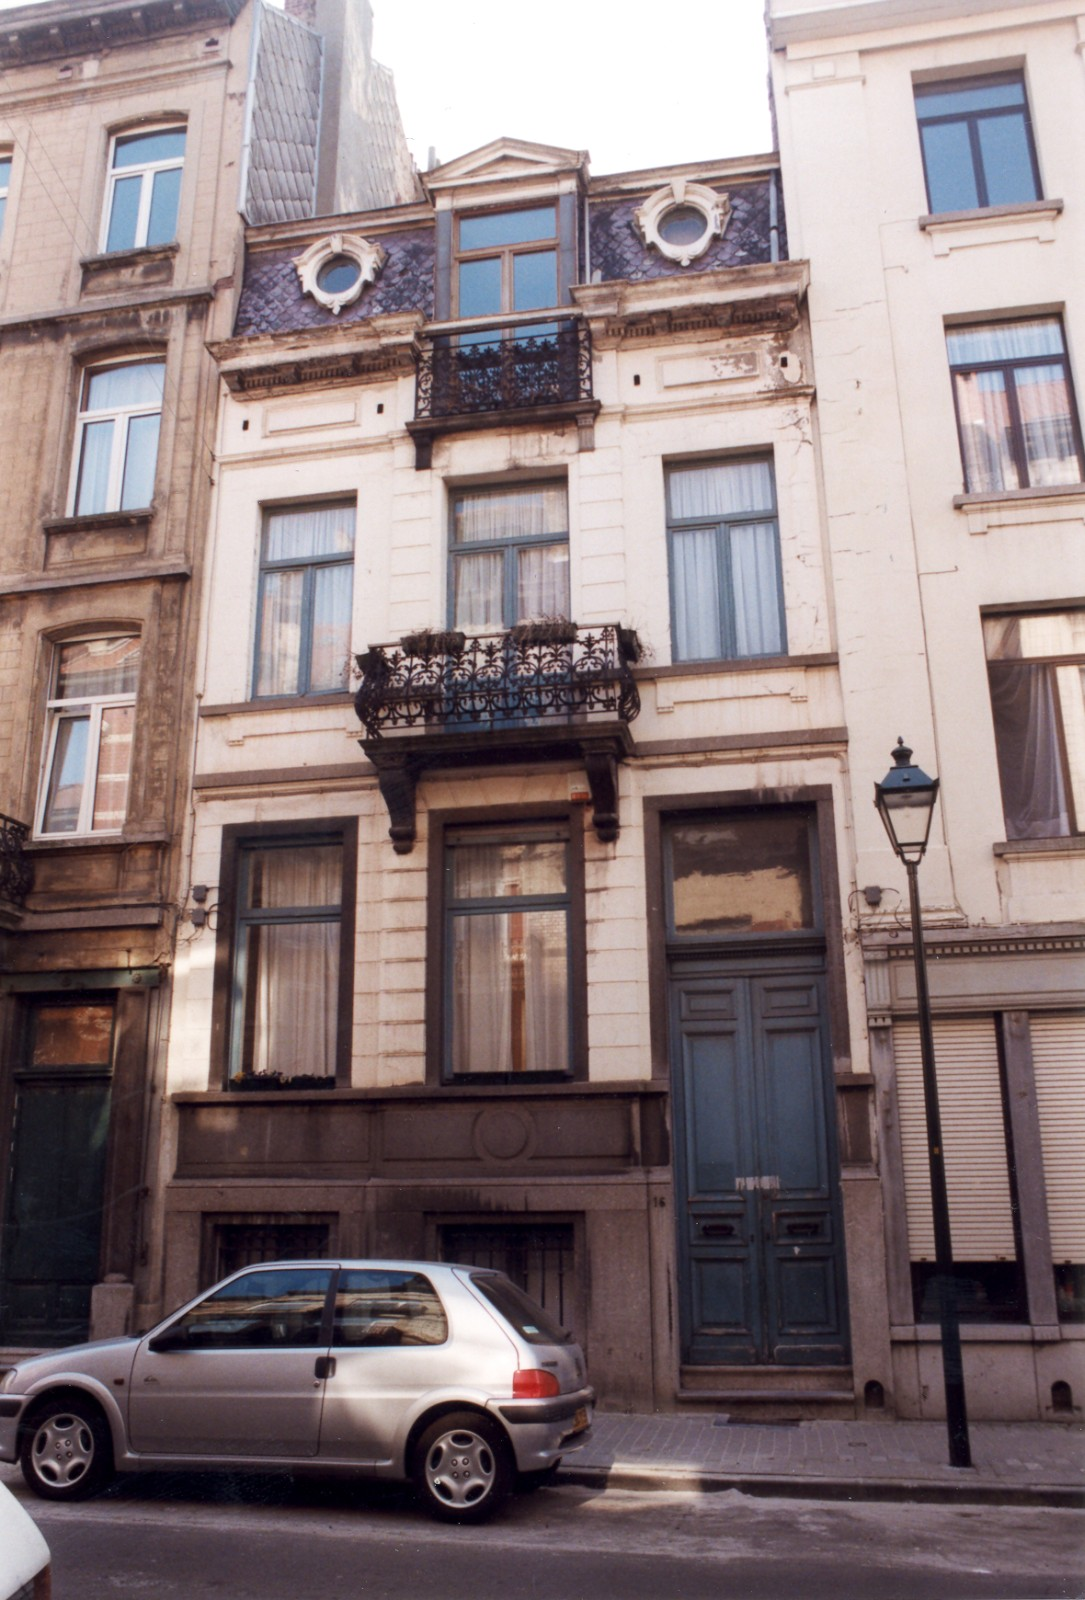 Saint gilles rue de parme 16 for Rue de parme